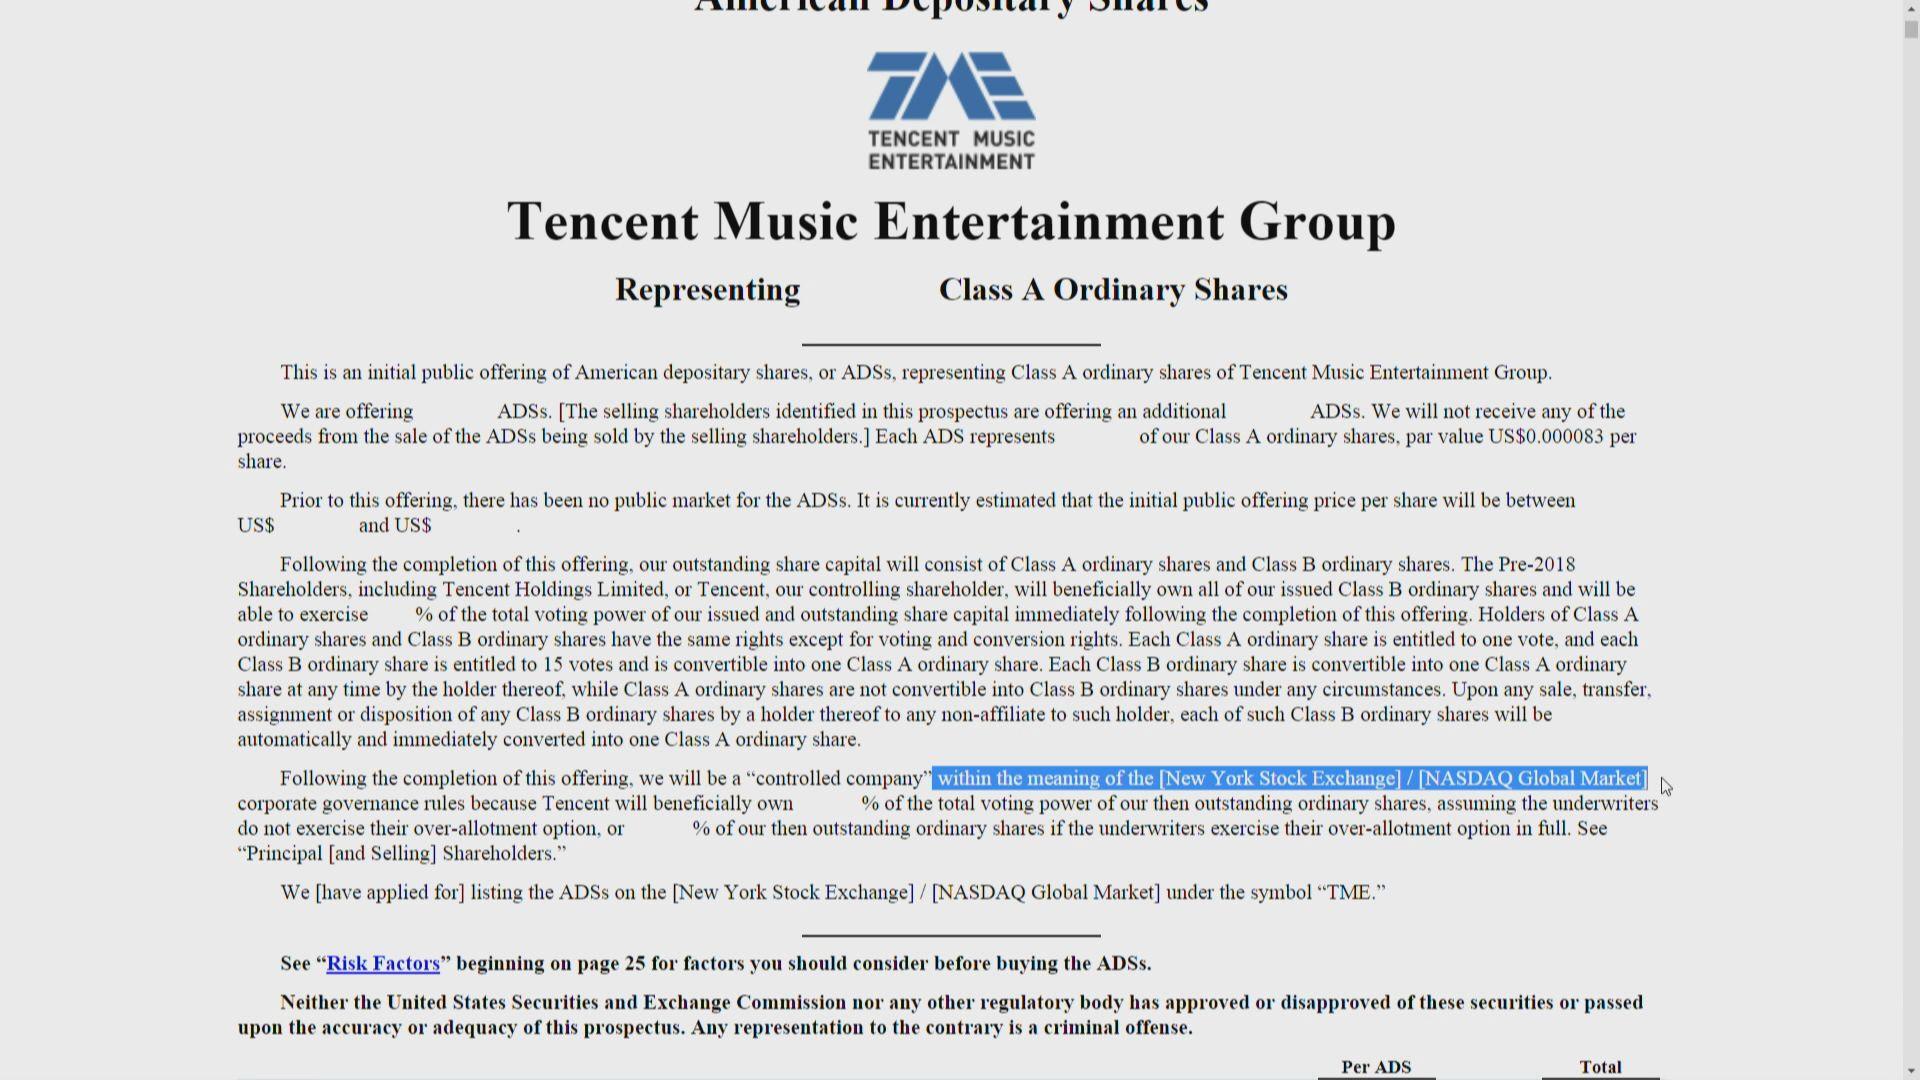 【未透露集資規模】騰訊音樂提交美國上市申請